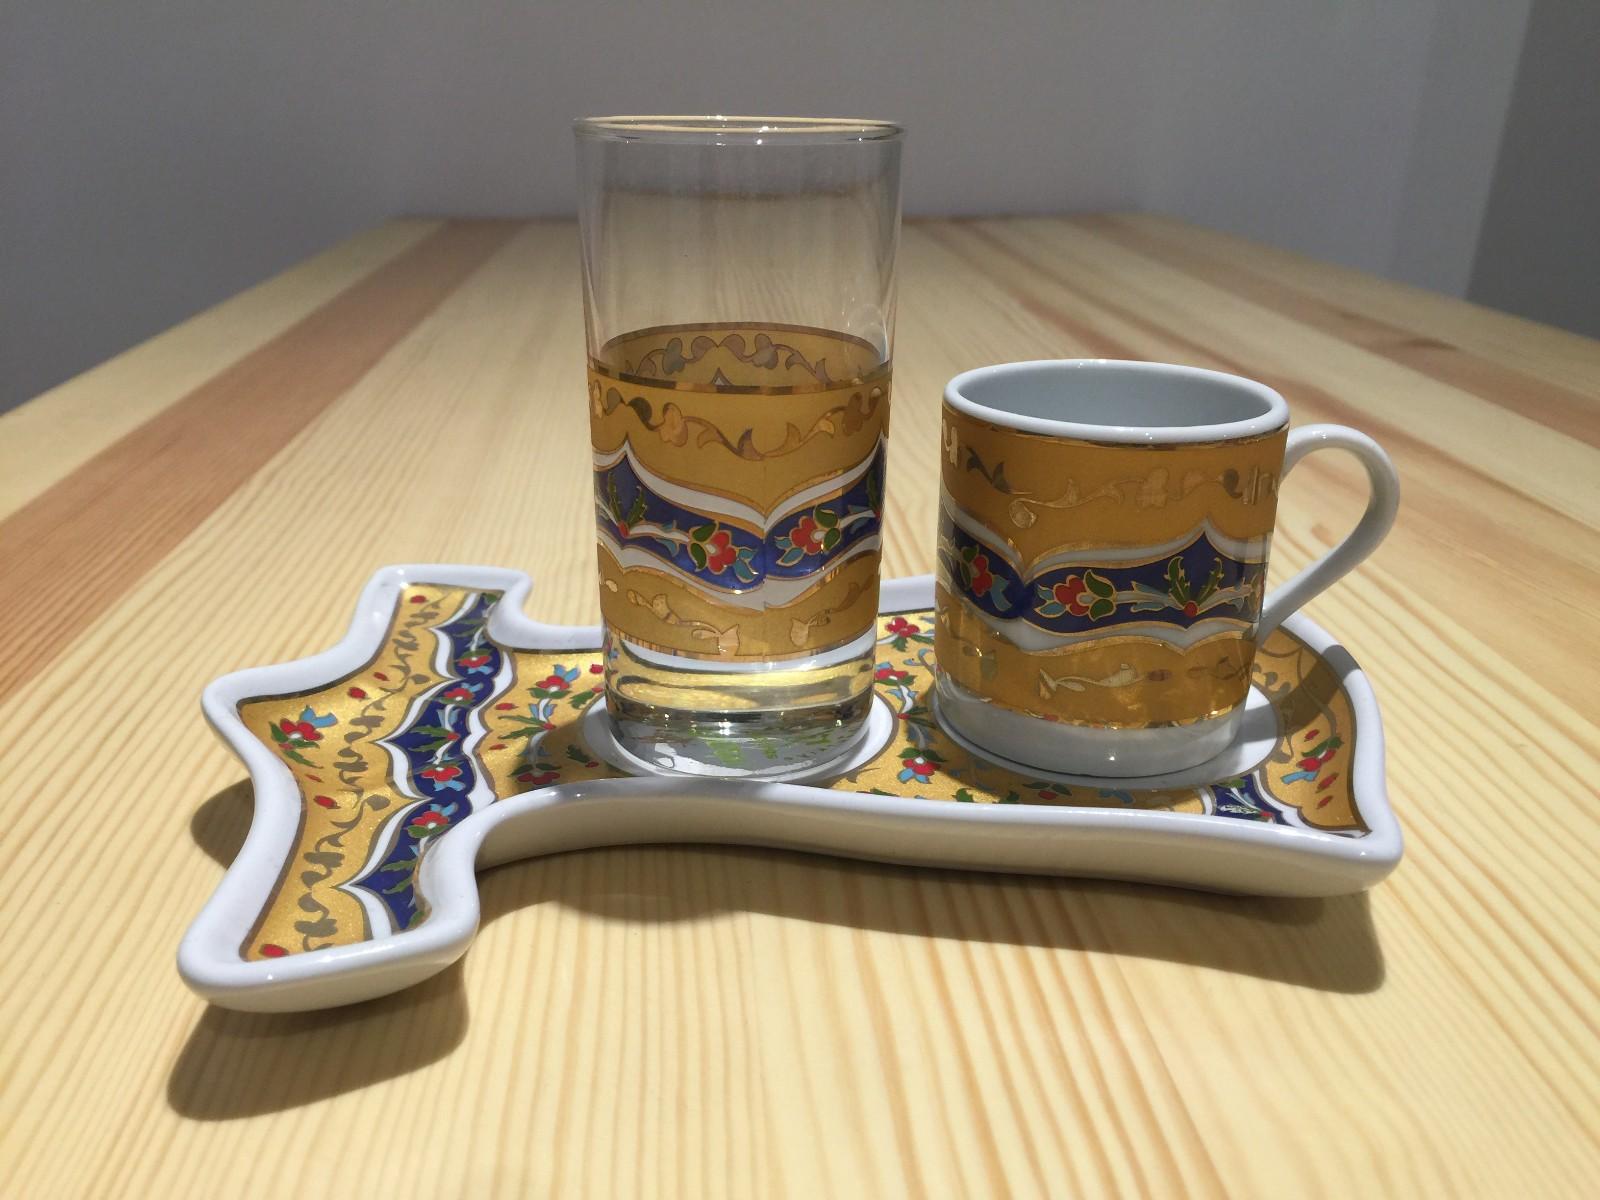 土耳其精品陶艺工艺品 家装摆件 咖啡杯图片一